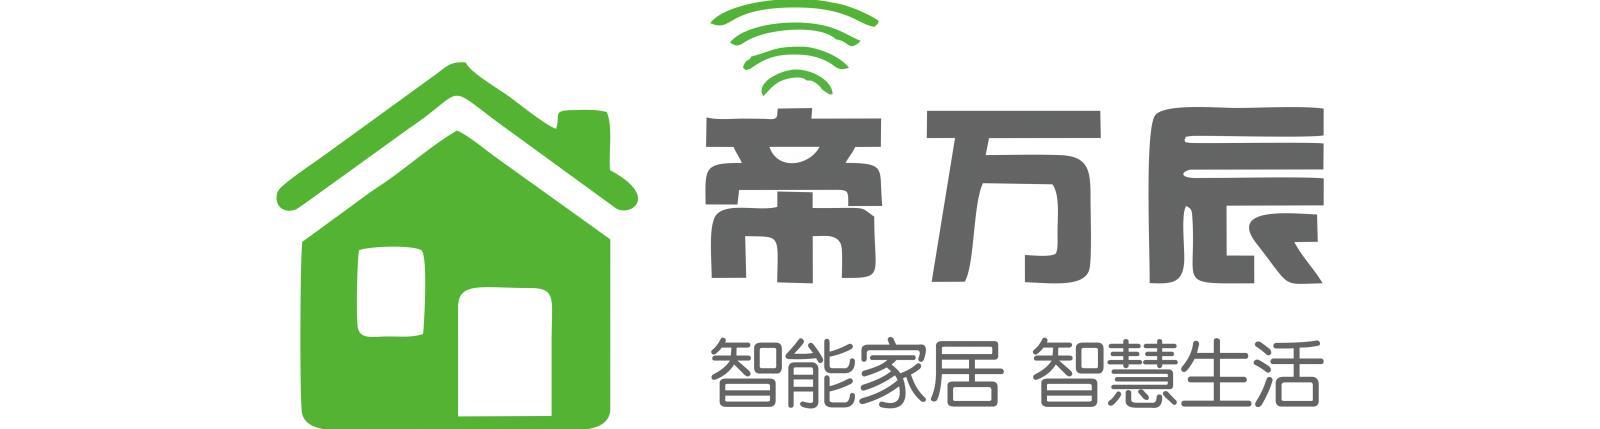 重庆市帝万辰科技有限公司